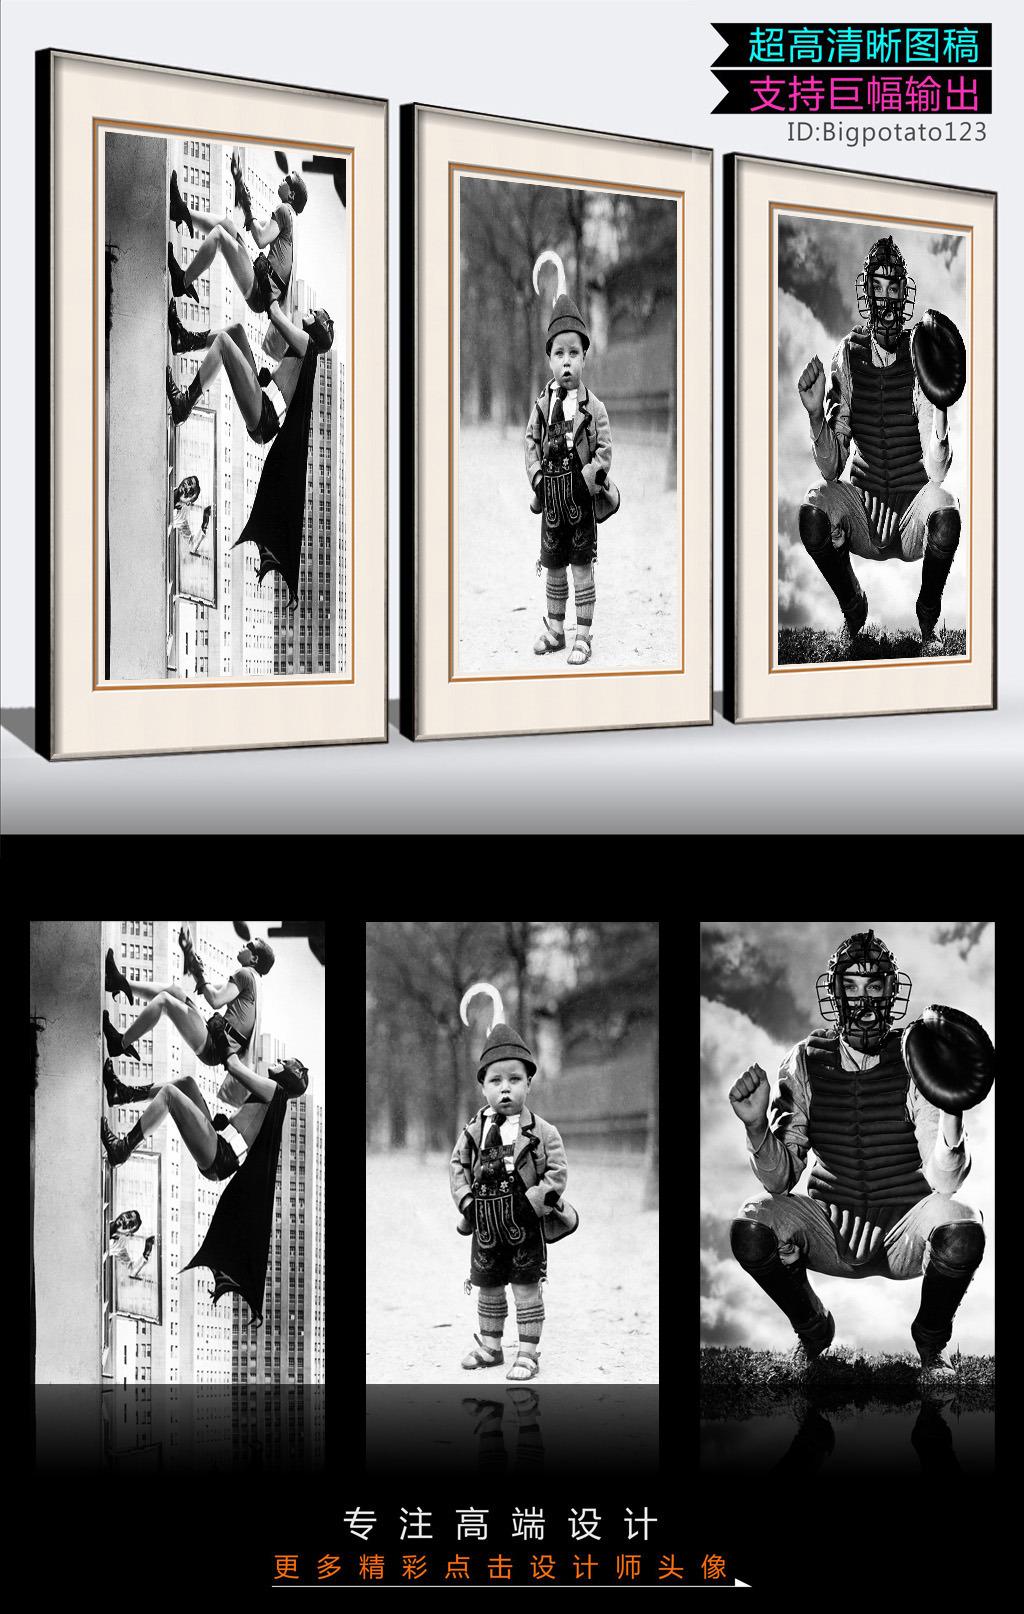 黑白有趣人物摄影